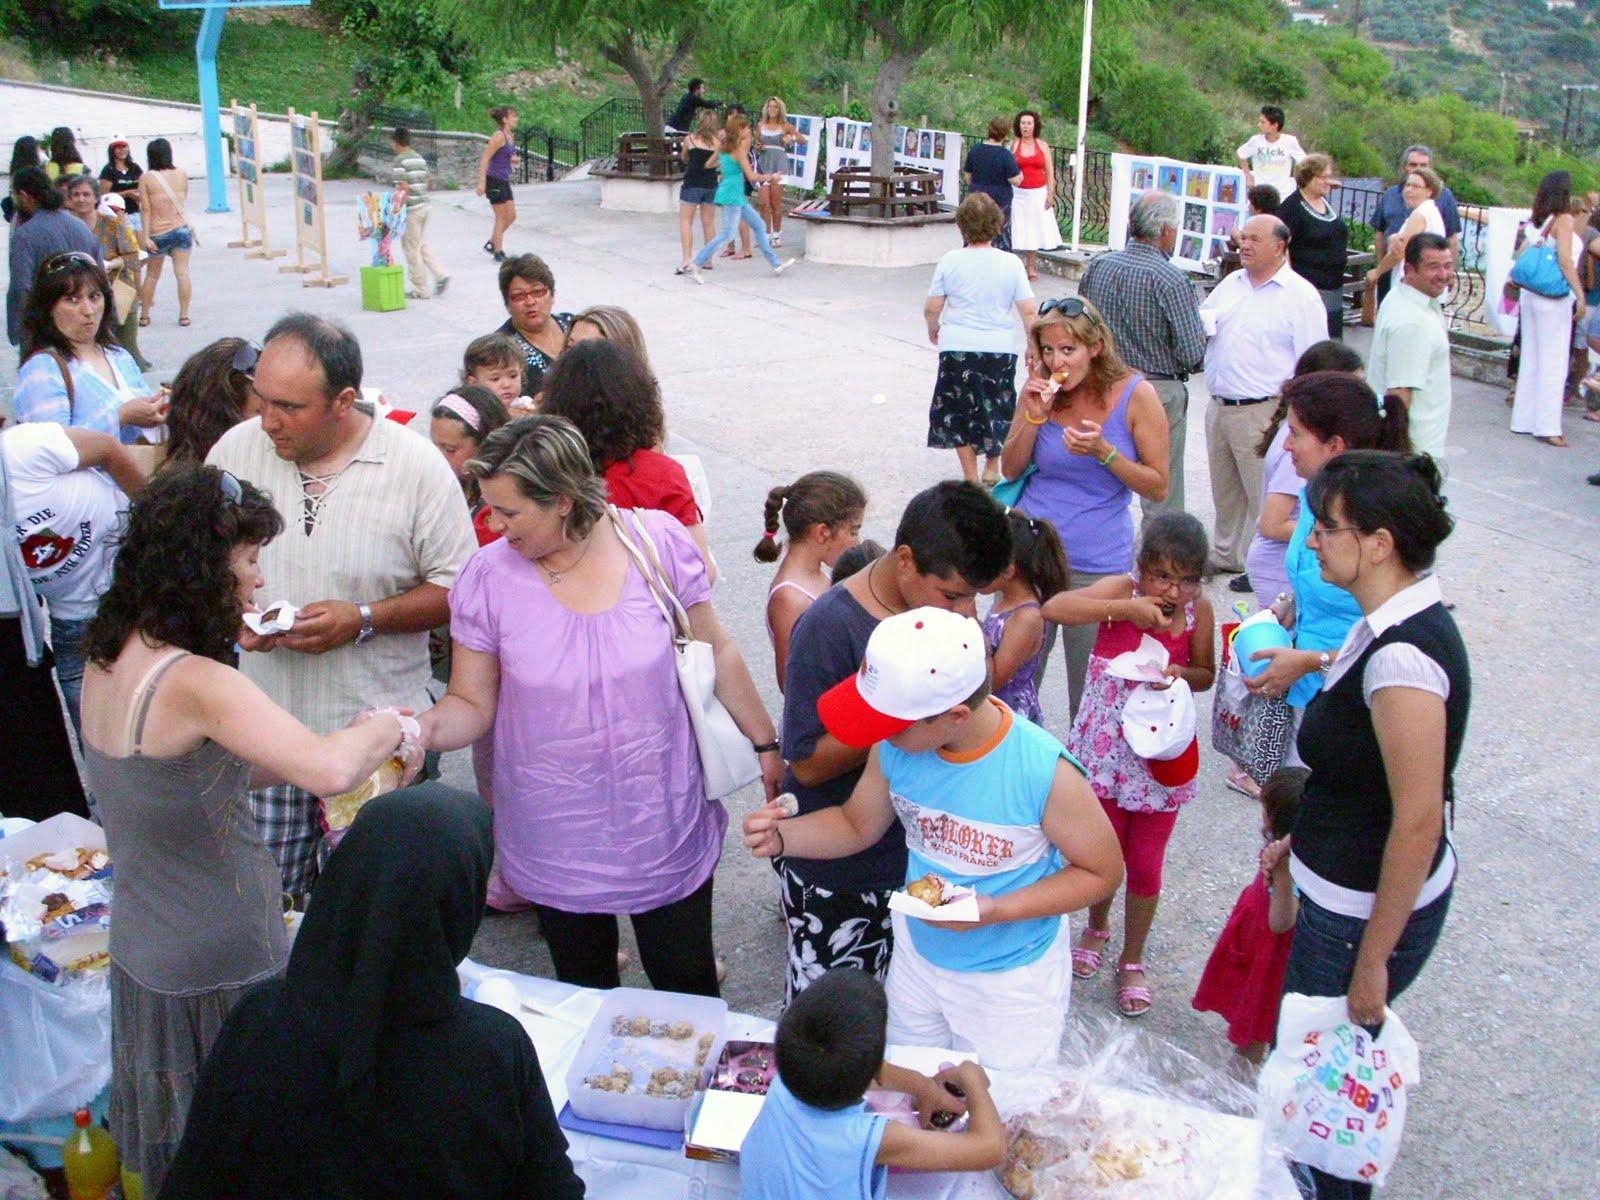 Σκόπελος: Διαμαρτύρεται ο δήμος για υποβάθμιση του Δ.Σ. Γλώσσας